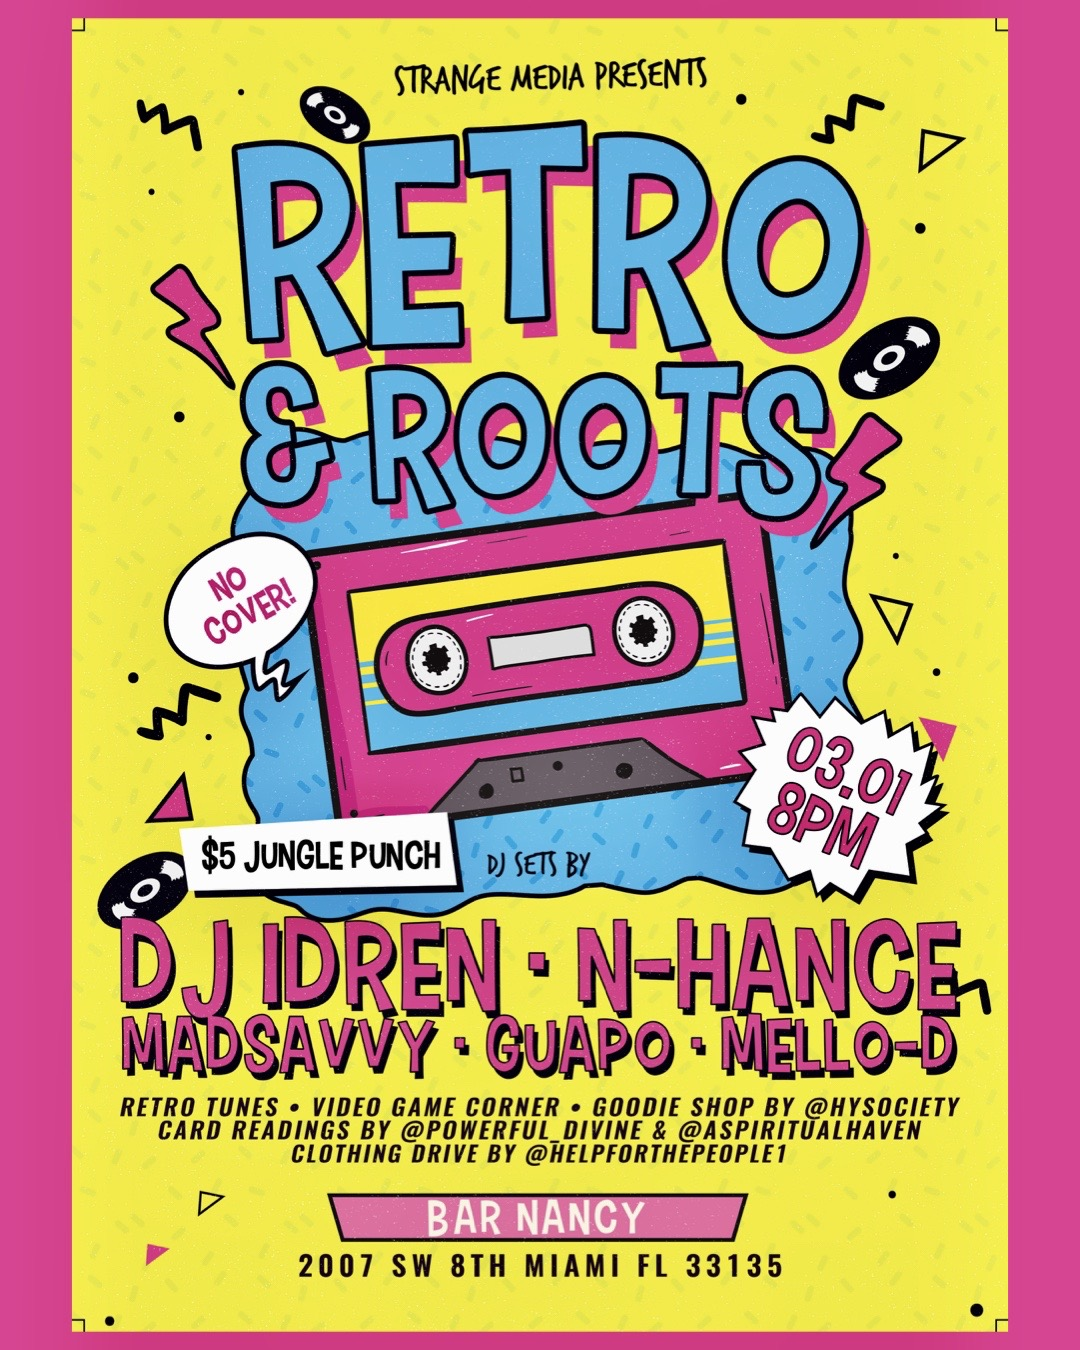 Retro And Roots! at Bar Nanc